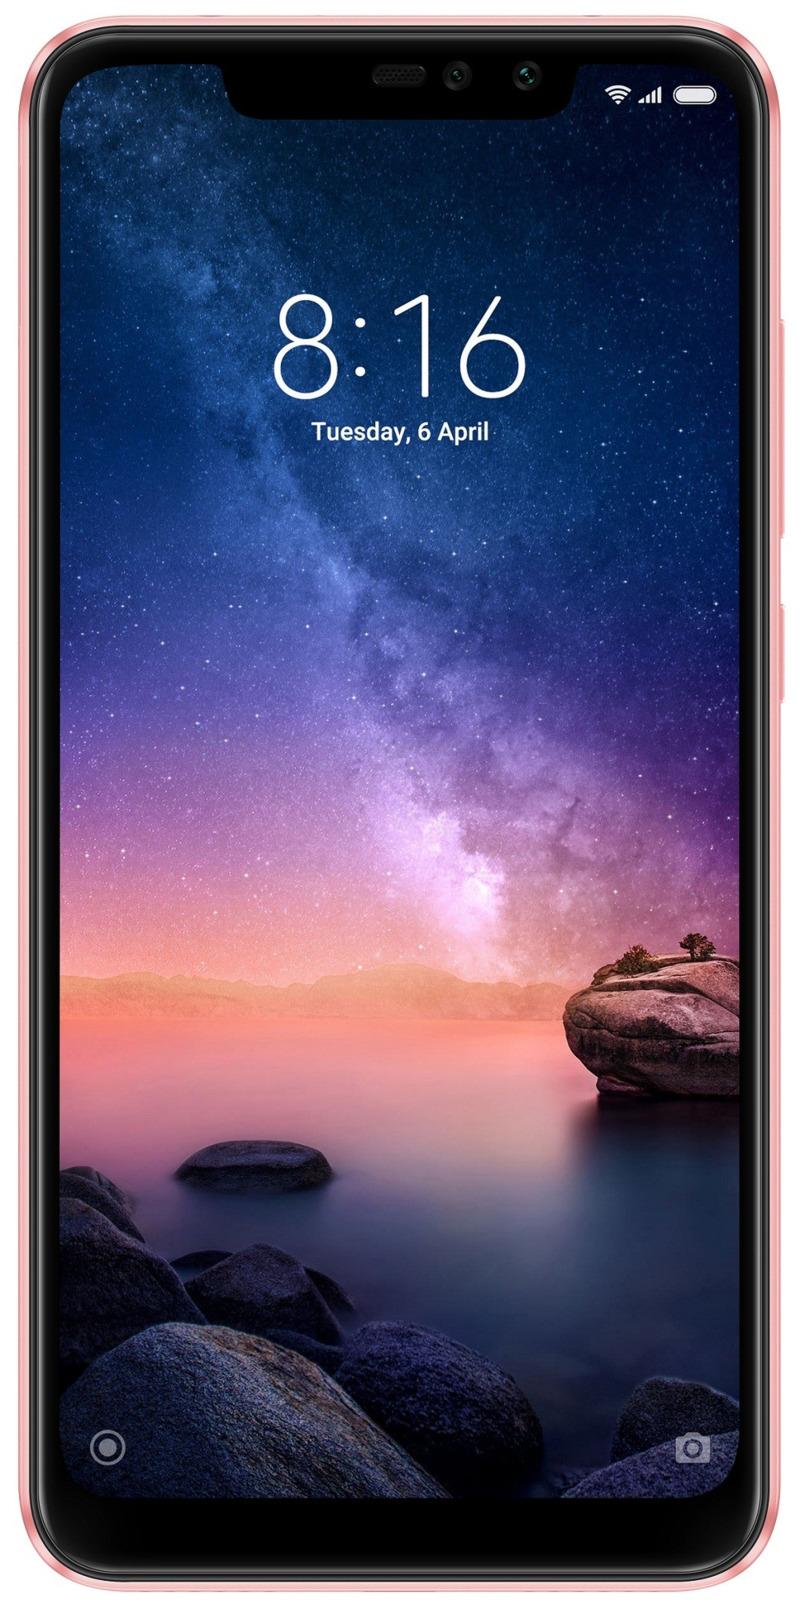 Смартфон Xiaomi Redmi Note 6 Pro 4/64GB pink gold смартфон xiaomi redmi note 6 pro 64 гб розовое золото m1806e7tg